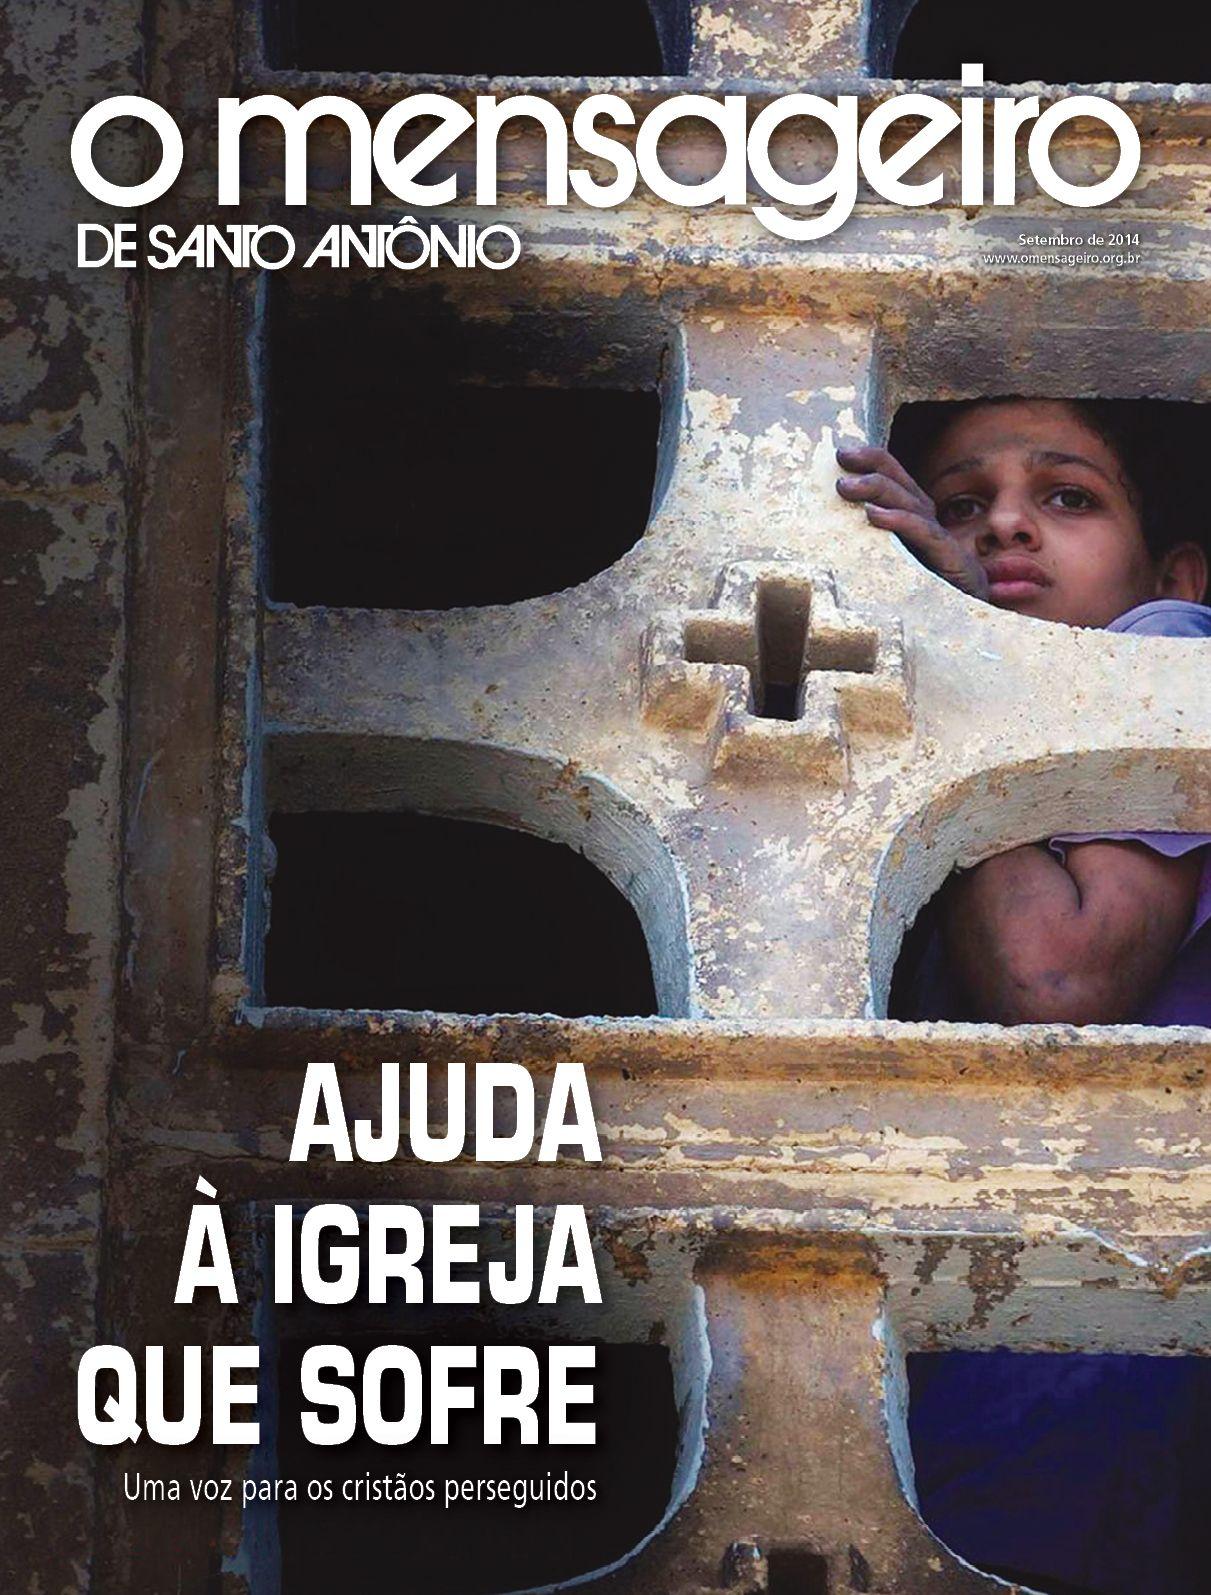 Capa da Revista O Mensageiro de Santo Antônio Setembro de 2014.